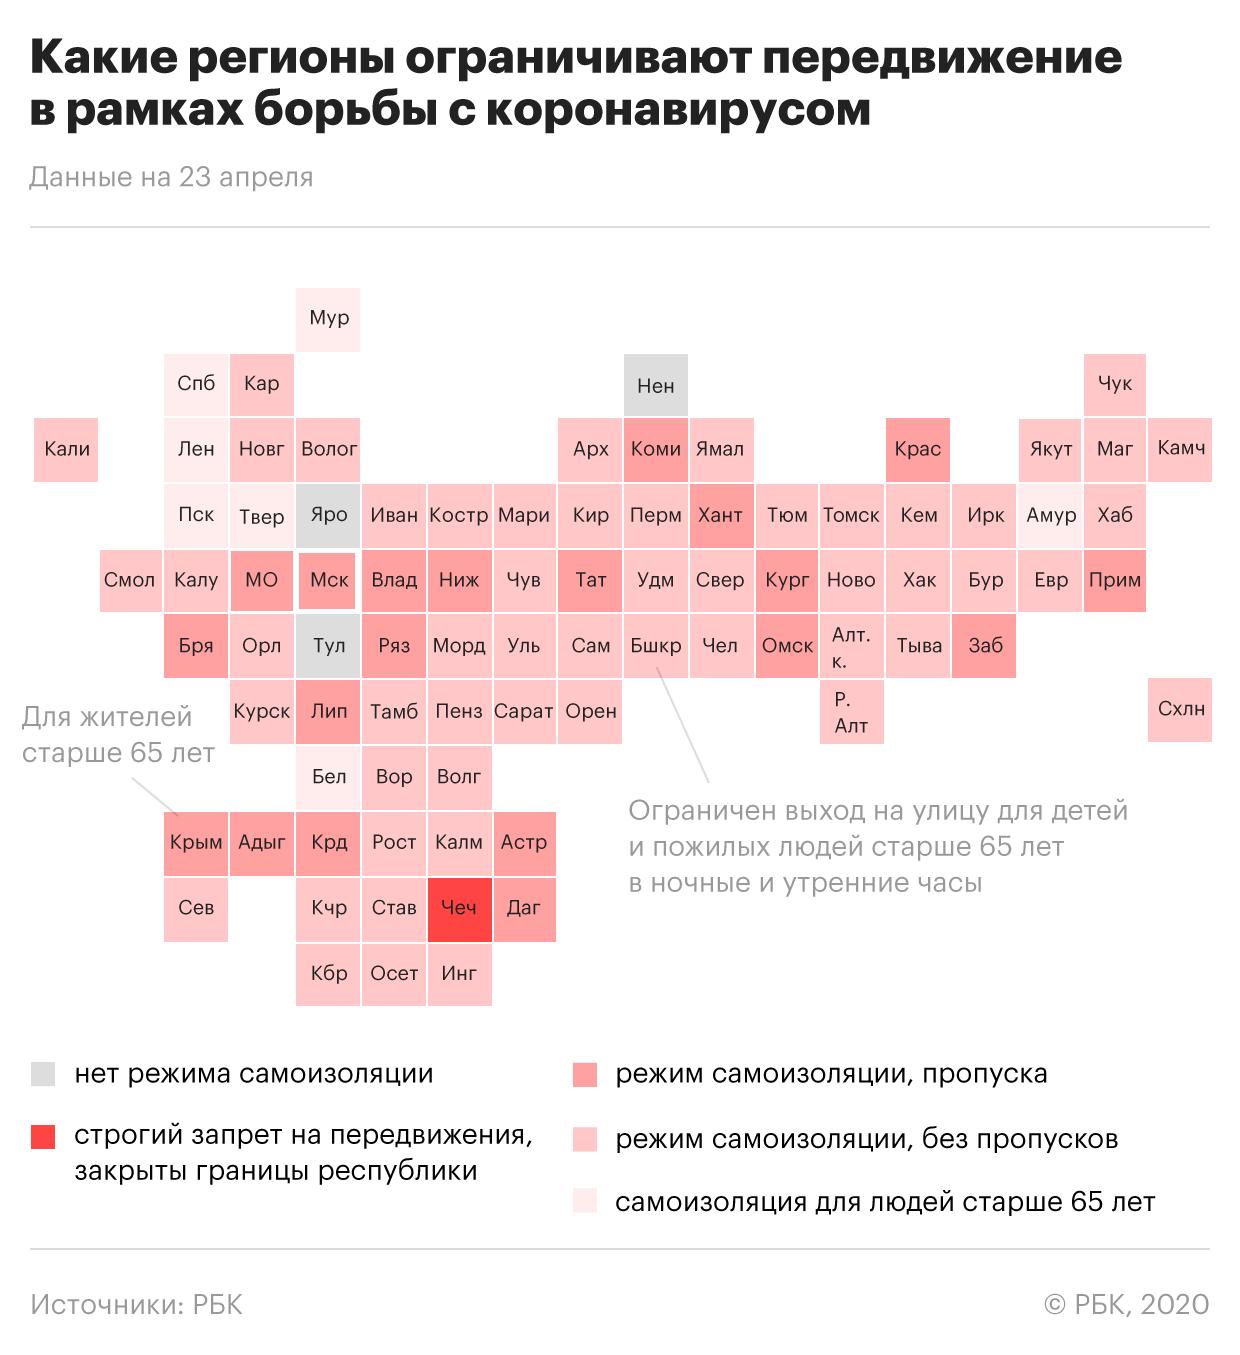 Полиция задержала организаторов вечеринки у ТЦ в Подмосковье